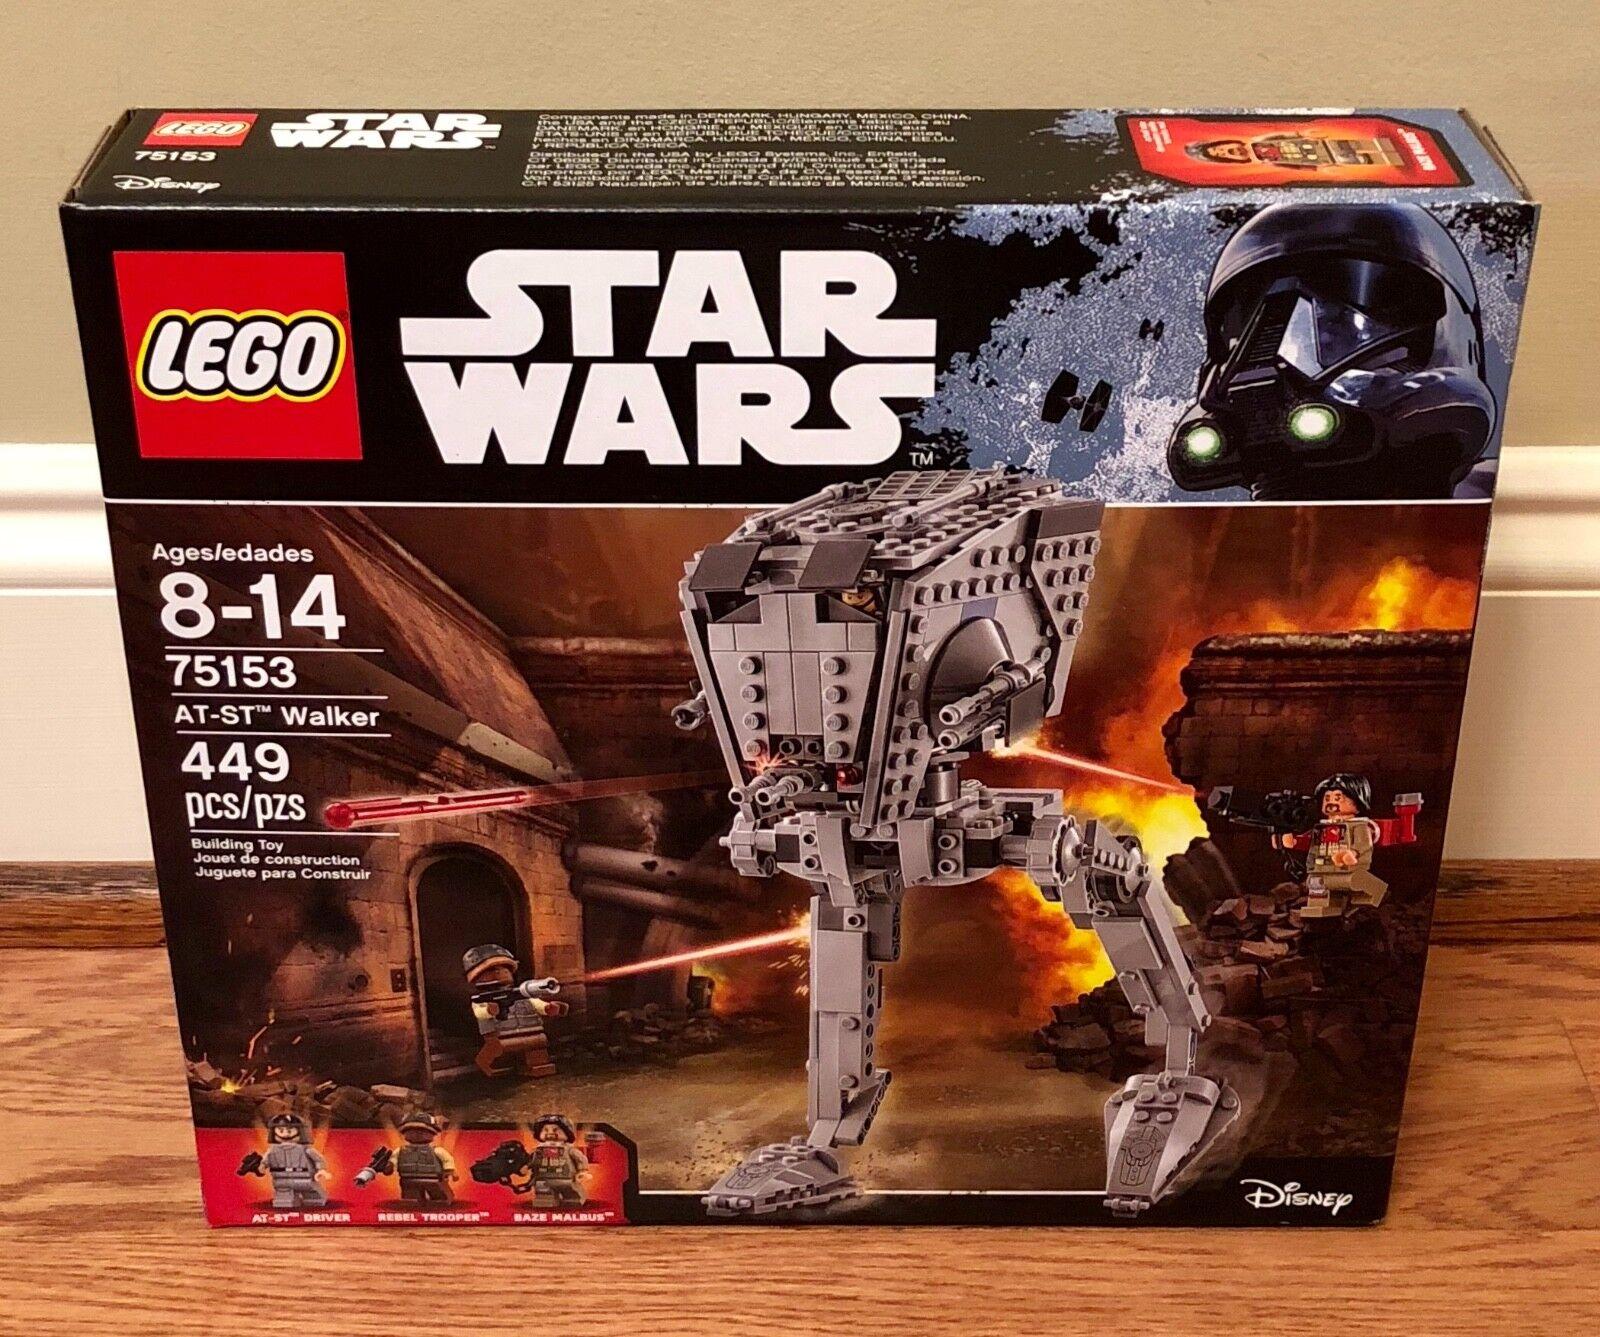 LEGO Star Wars AT-ST Walker 75153, Brand New - Retired Retired Retired  d7fded